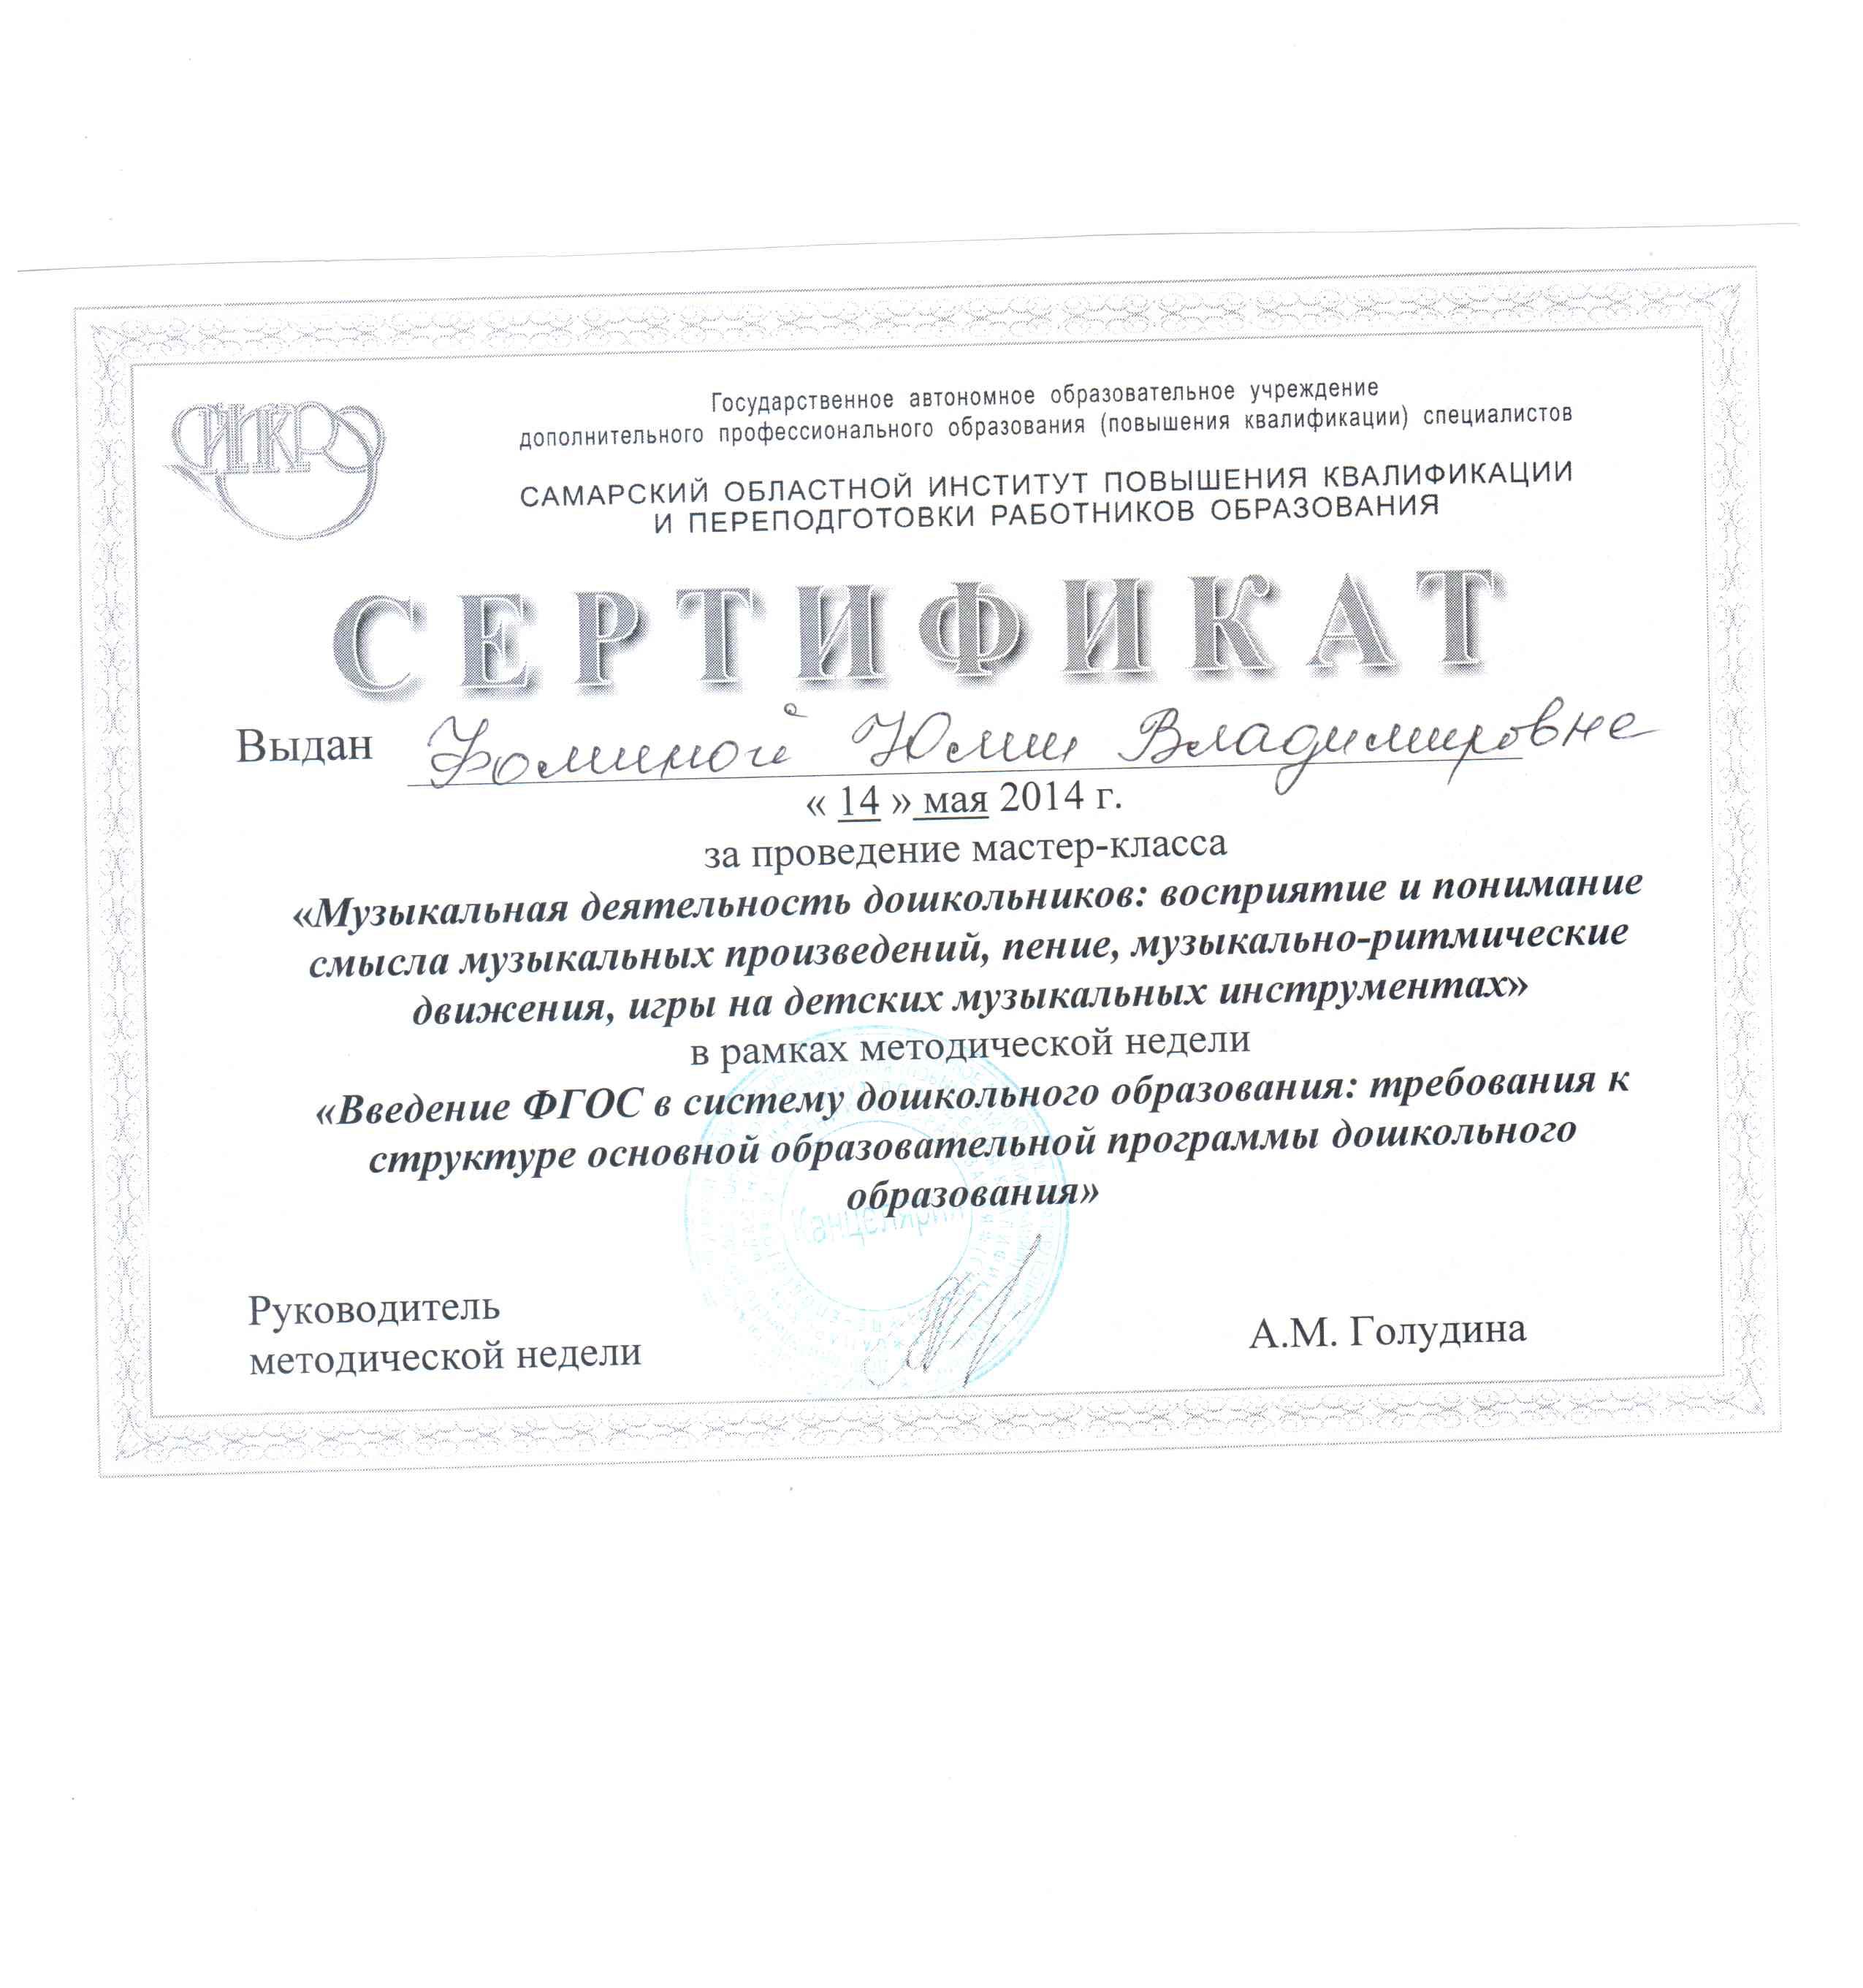 сертификат СИПКРО